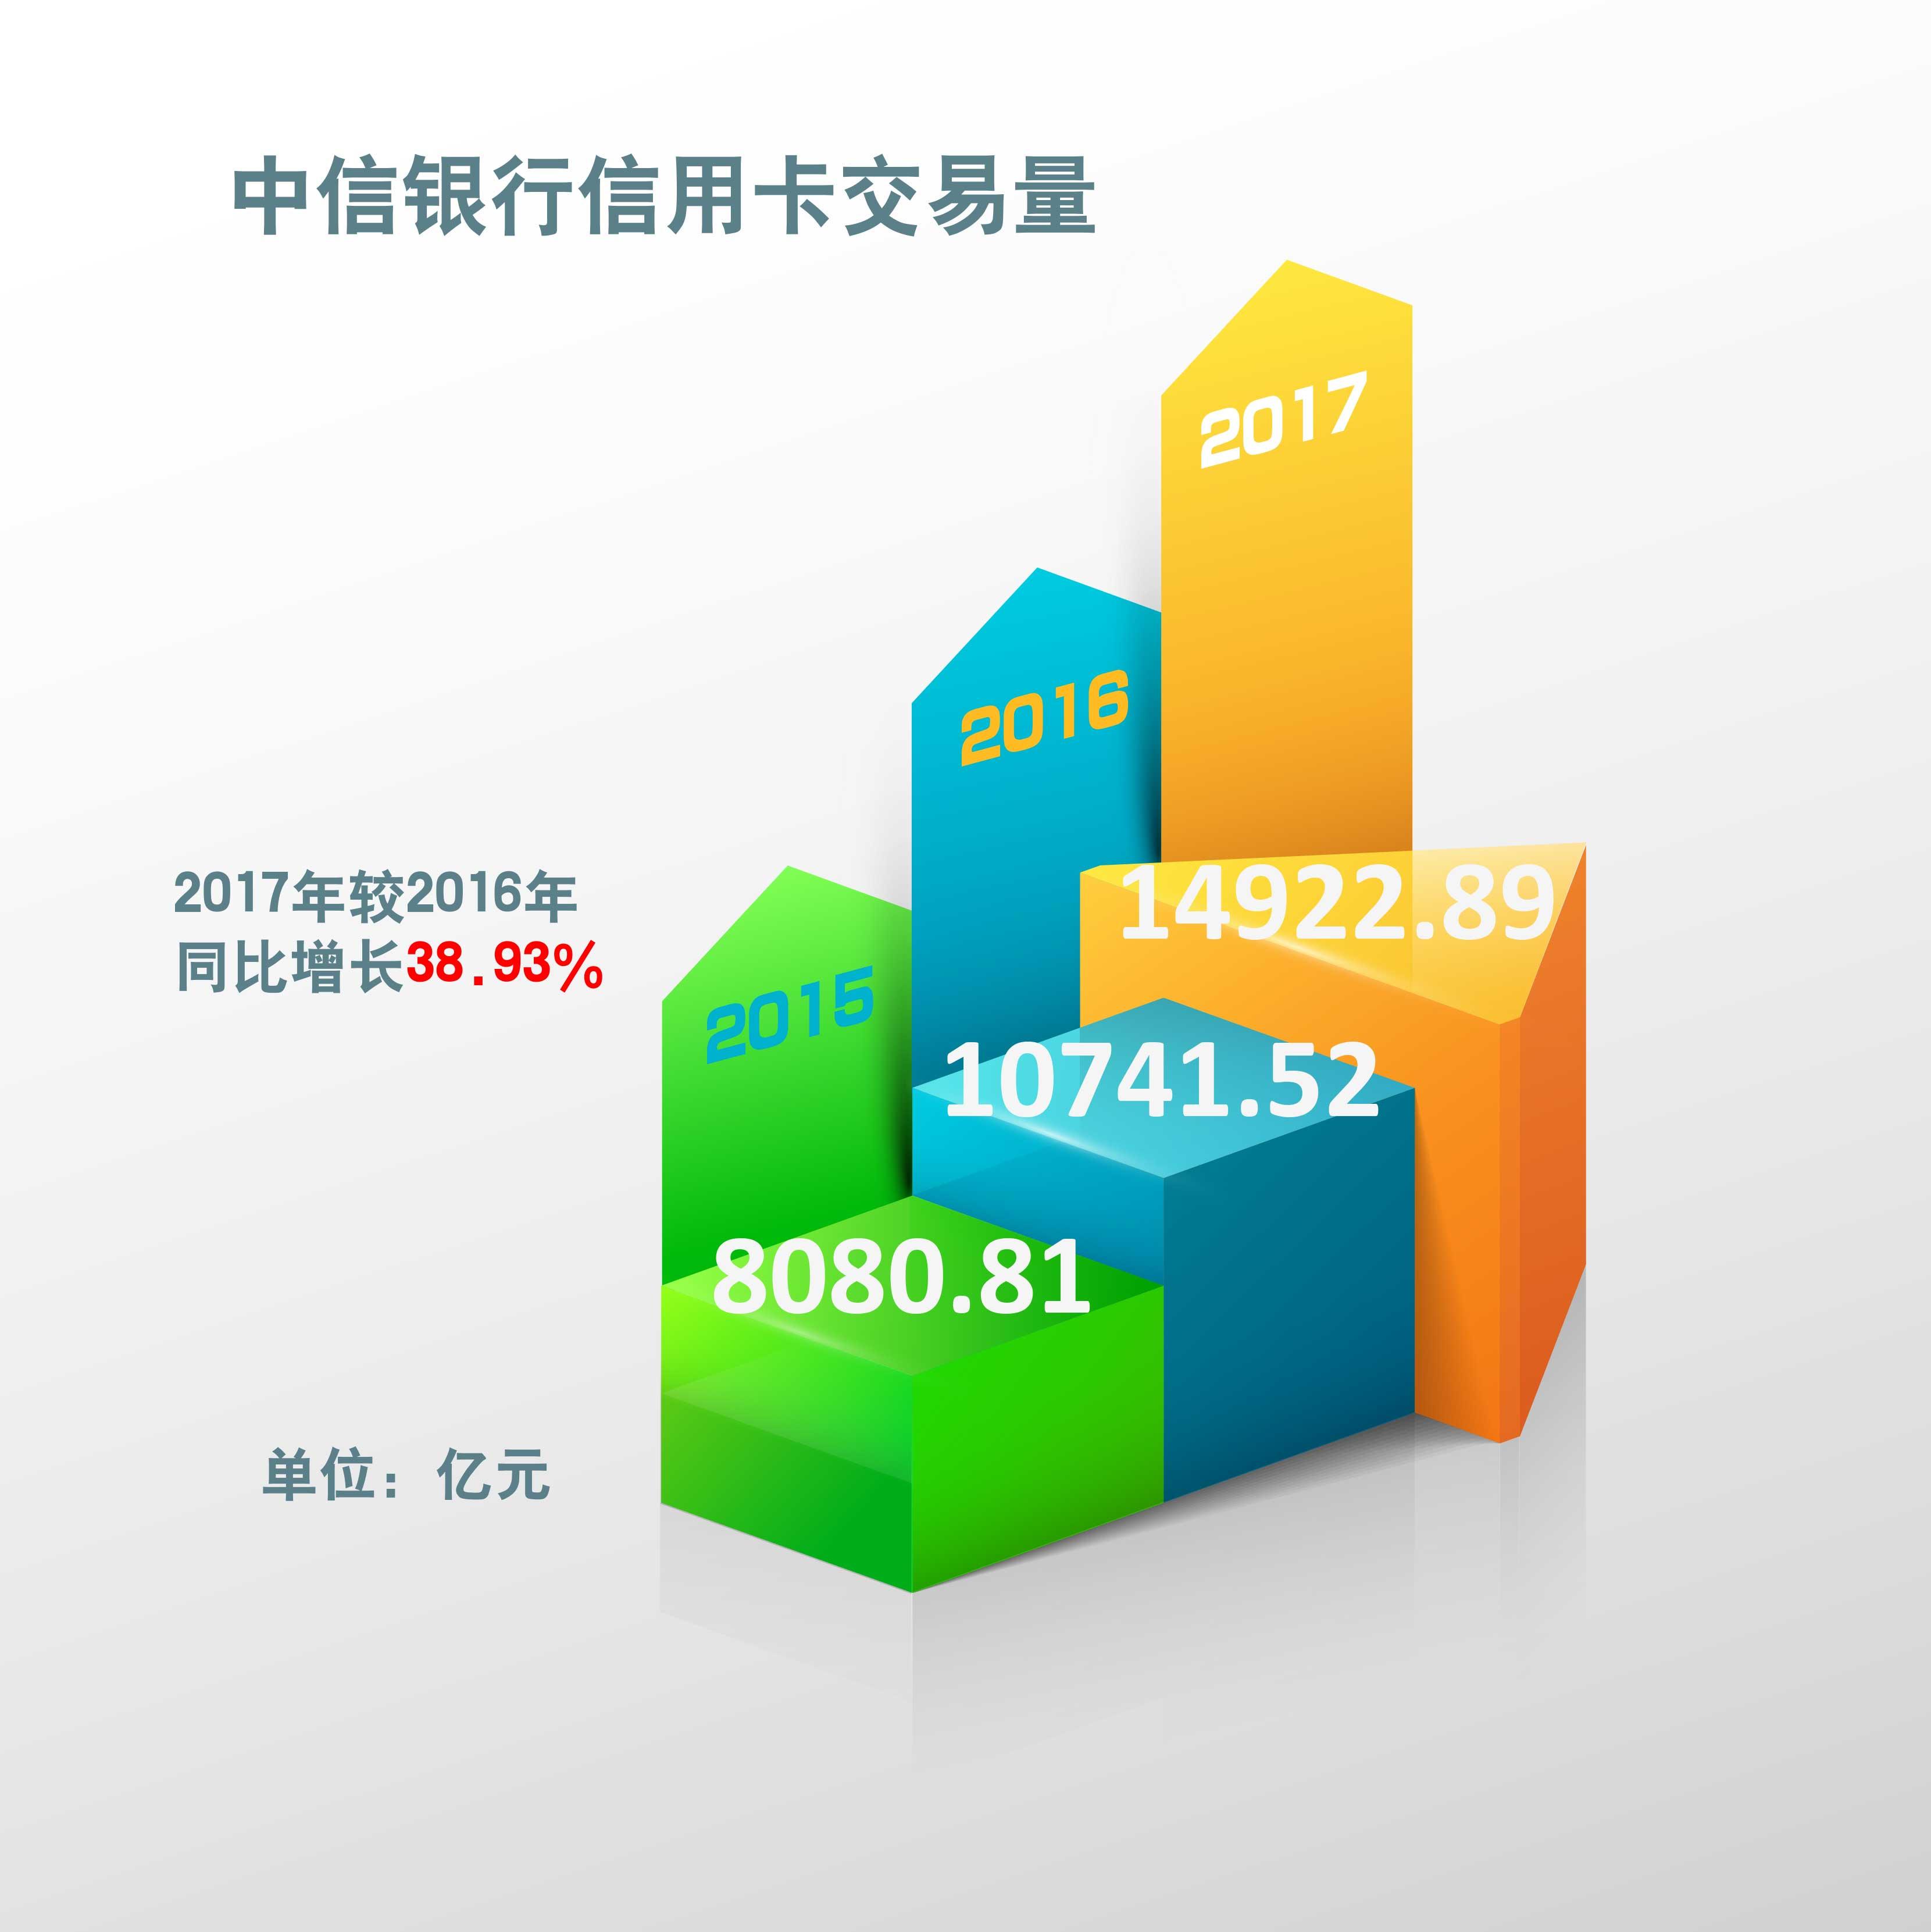 原创:2017年中信信用卡新增发卡1,219.04万张 同比增长74.02%